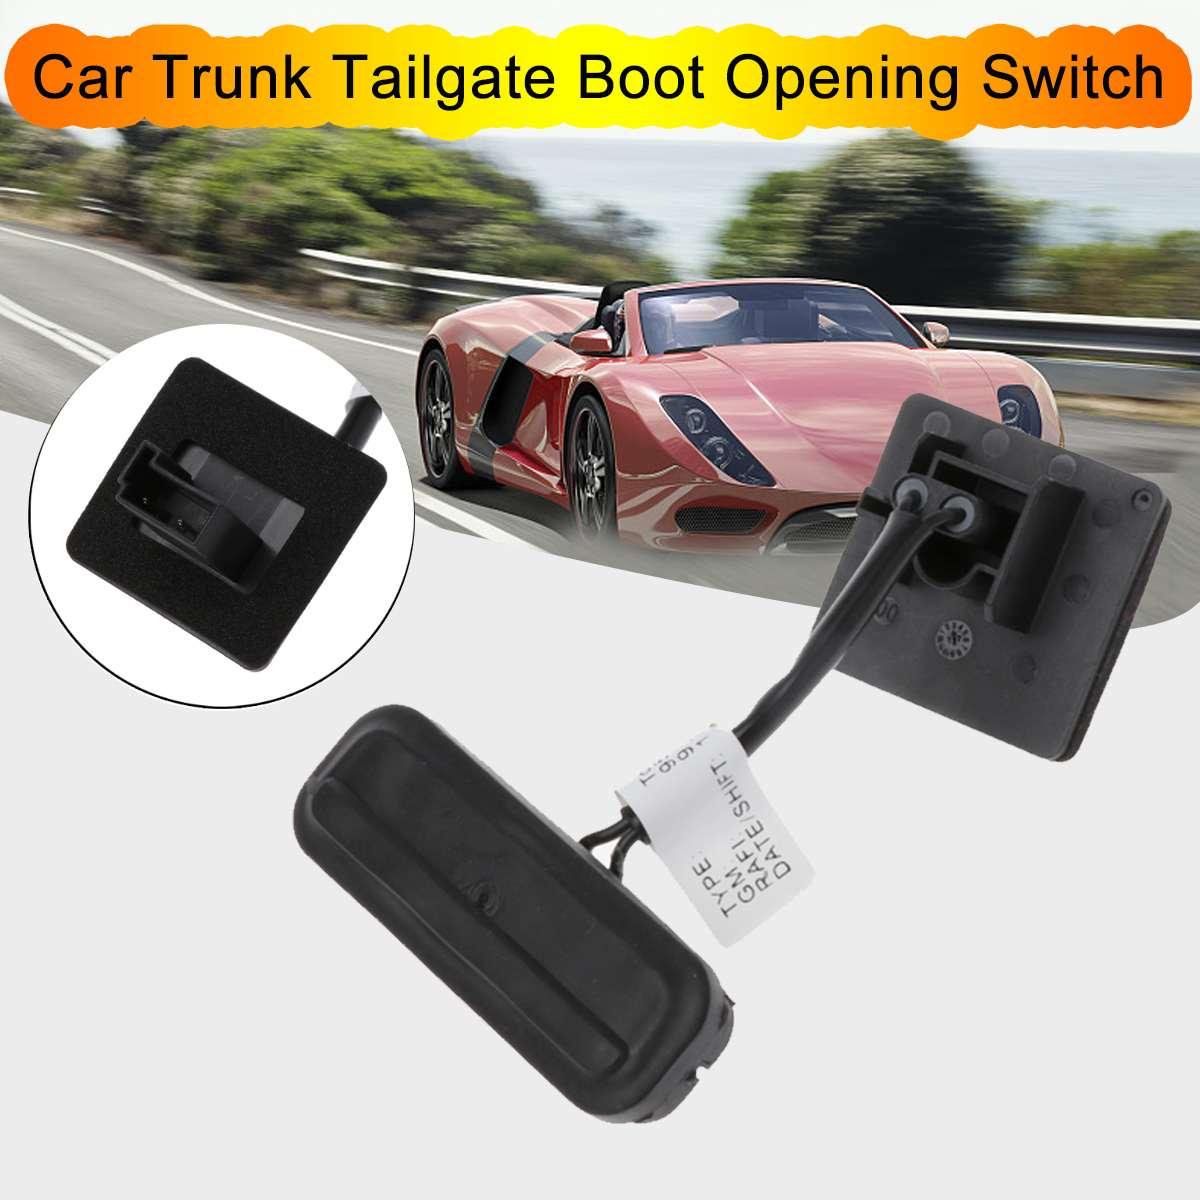 Interruptor de maletero de abertura de la bota para la Insignia Opel de Opel 1241457 13359897 botón de apertura negro accesorios de coche